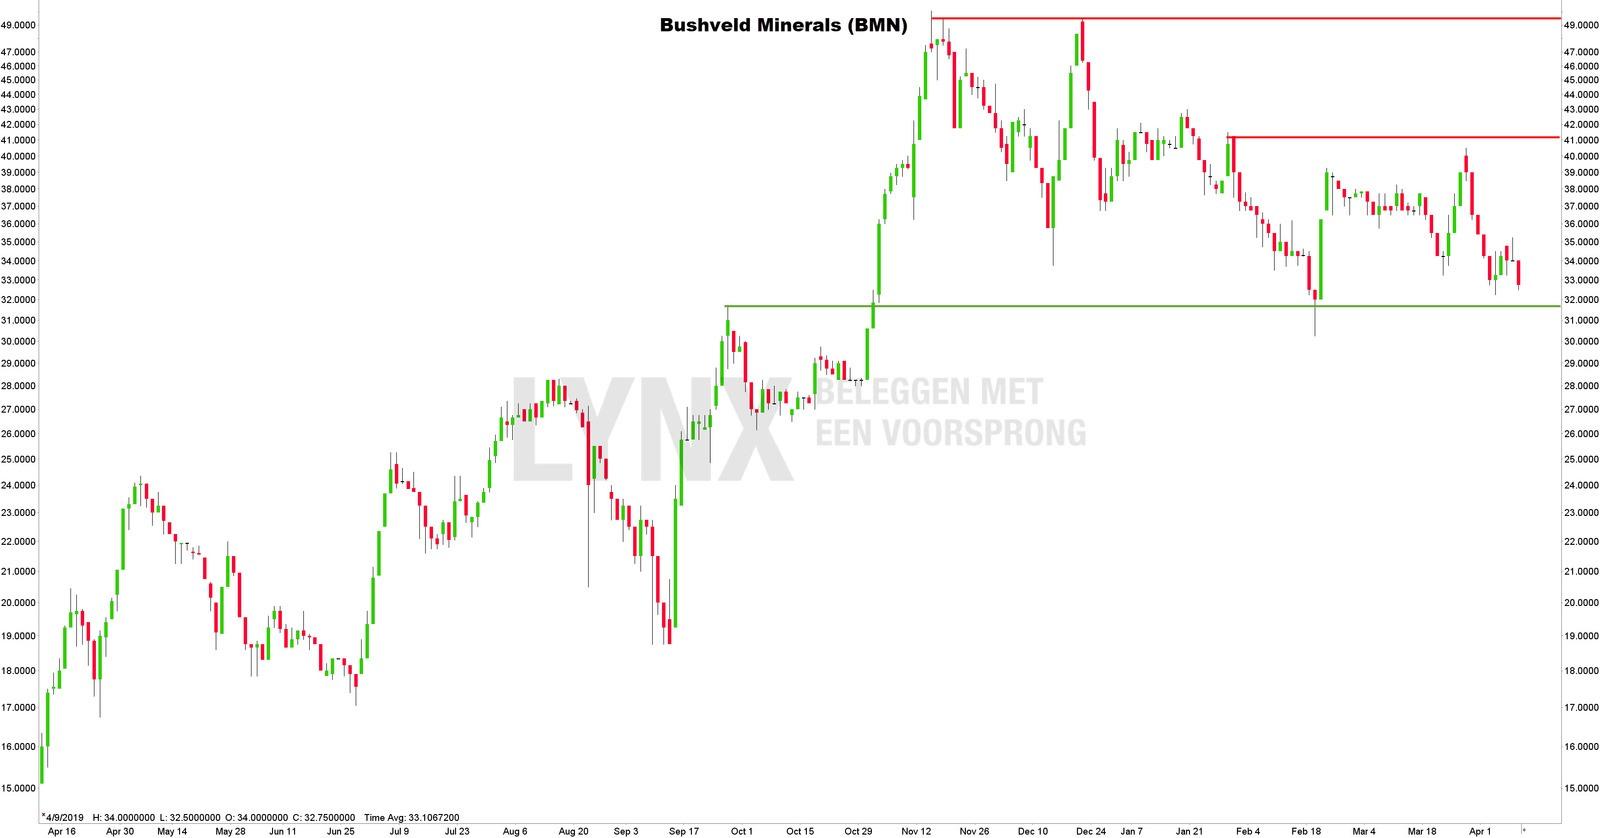 Koersgrafiek Bushveld Minerals - Beleggen in Vanadium aandelen